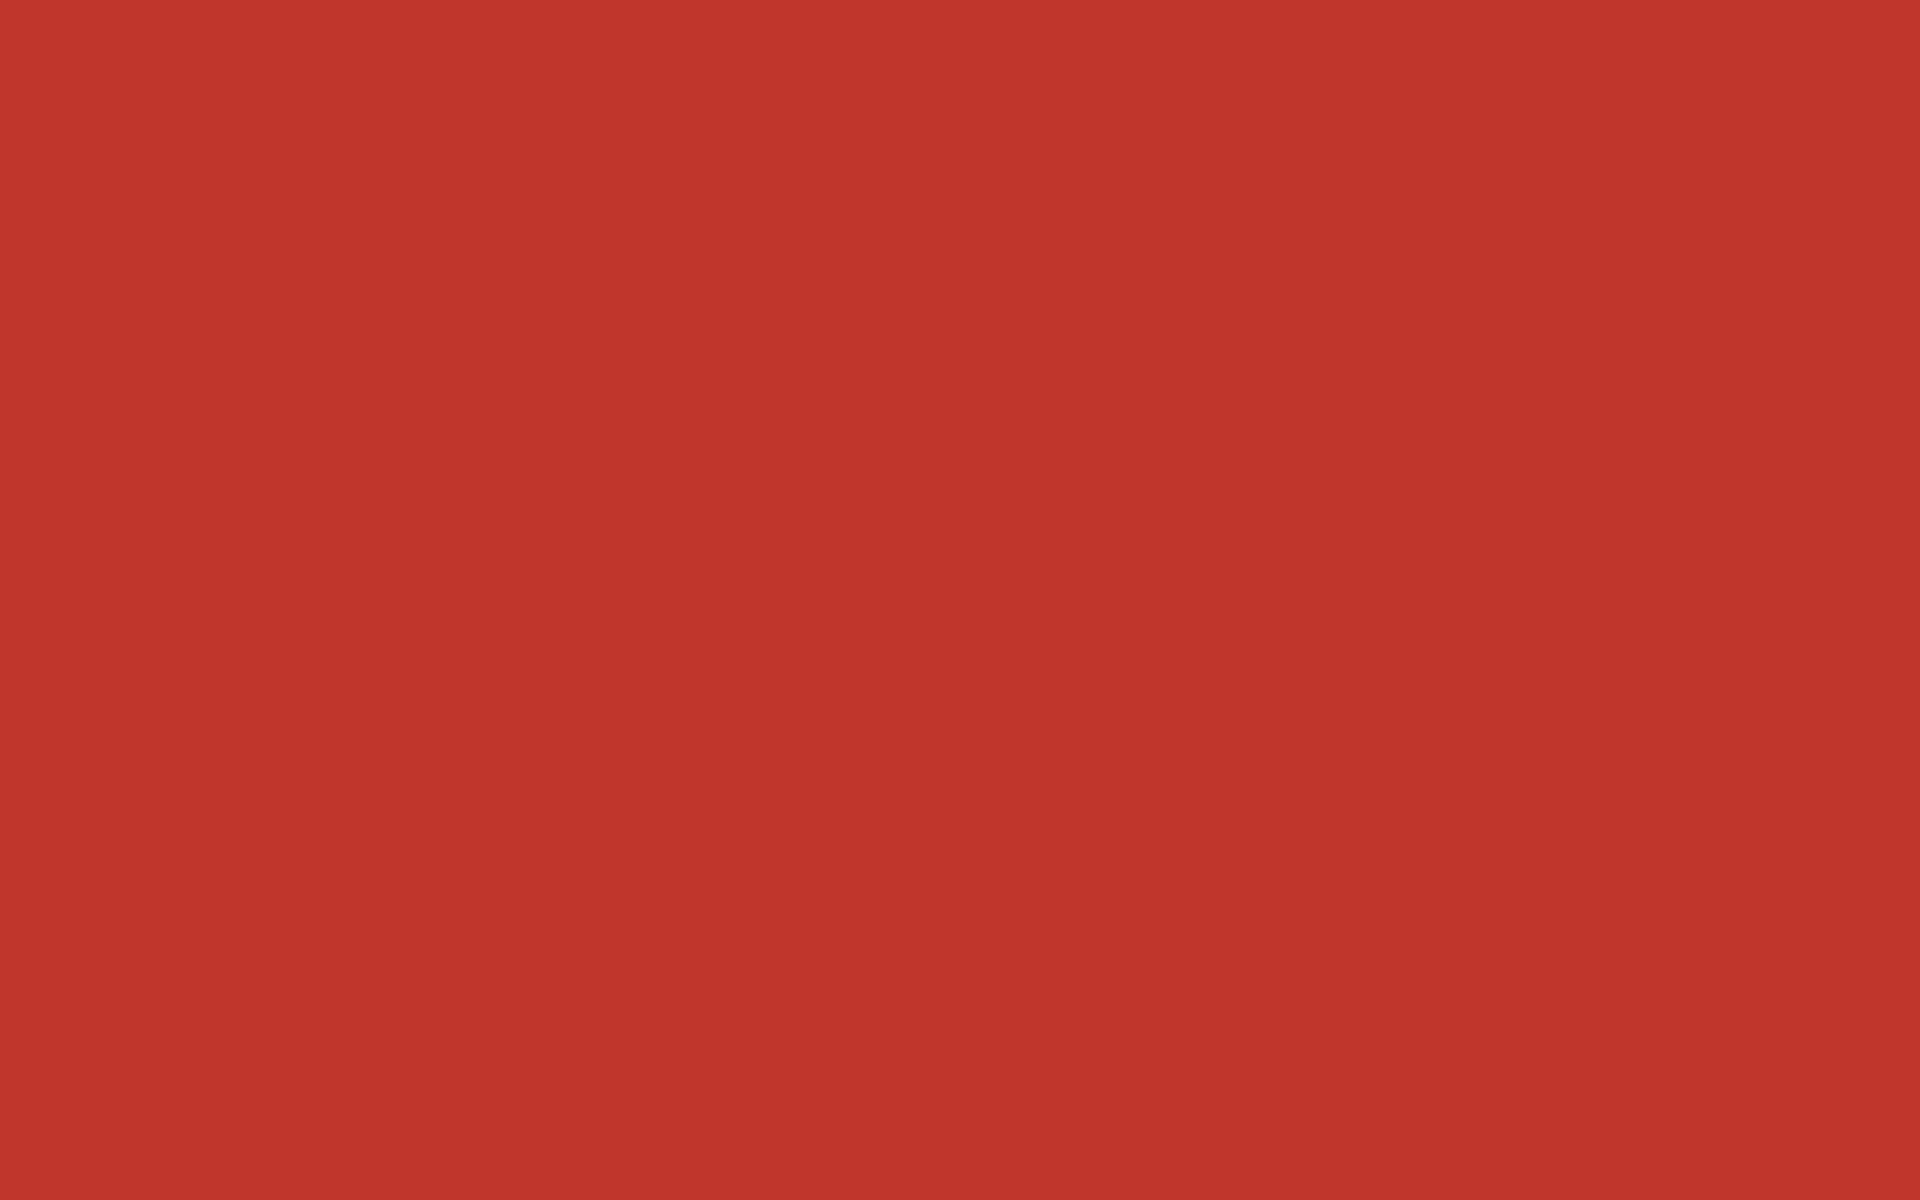 1920x1200 International Orange Golden Gate Bridge Solid Color Background